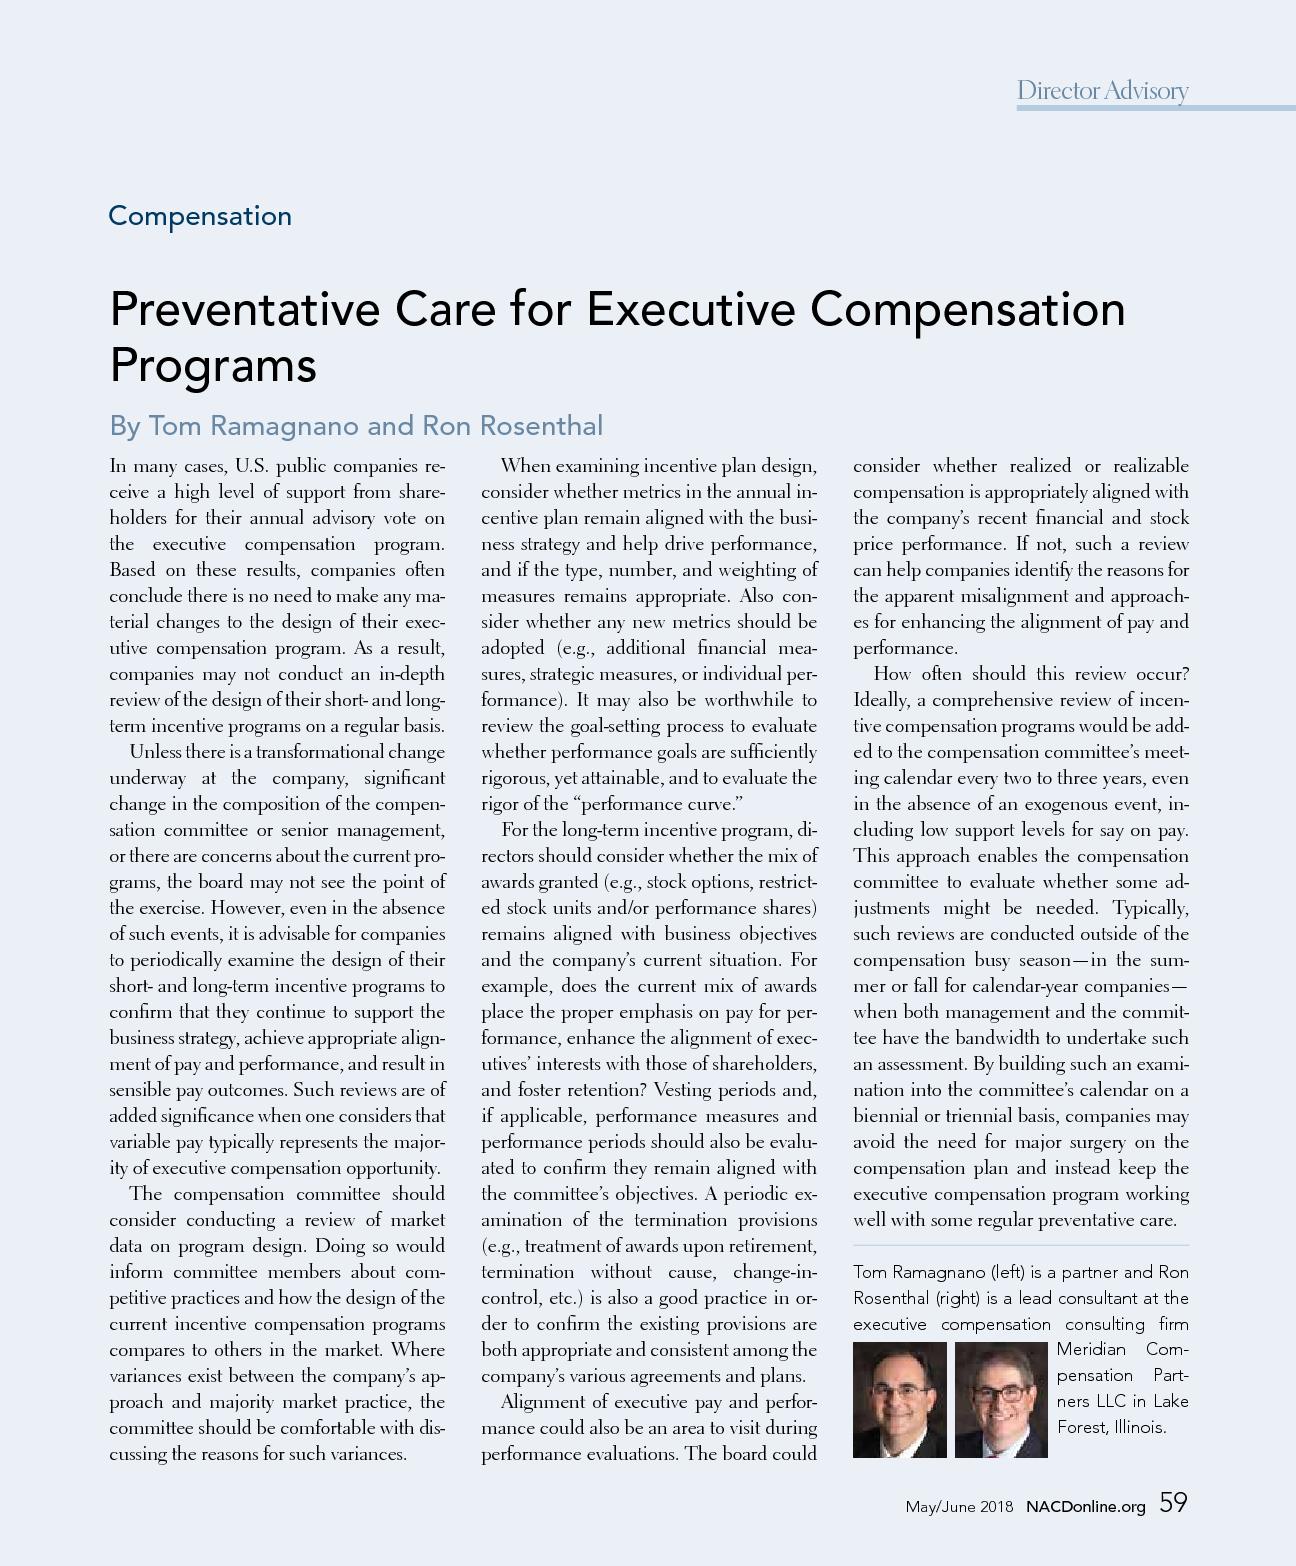 Preventative Care for Executive Compensation Programs (PDF)